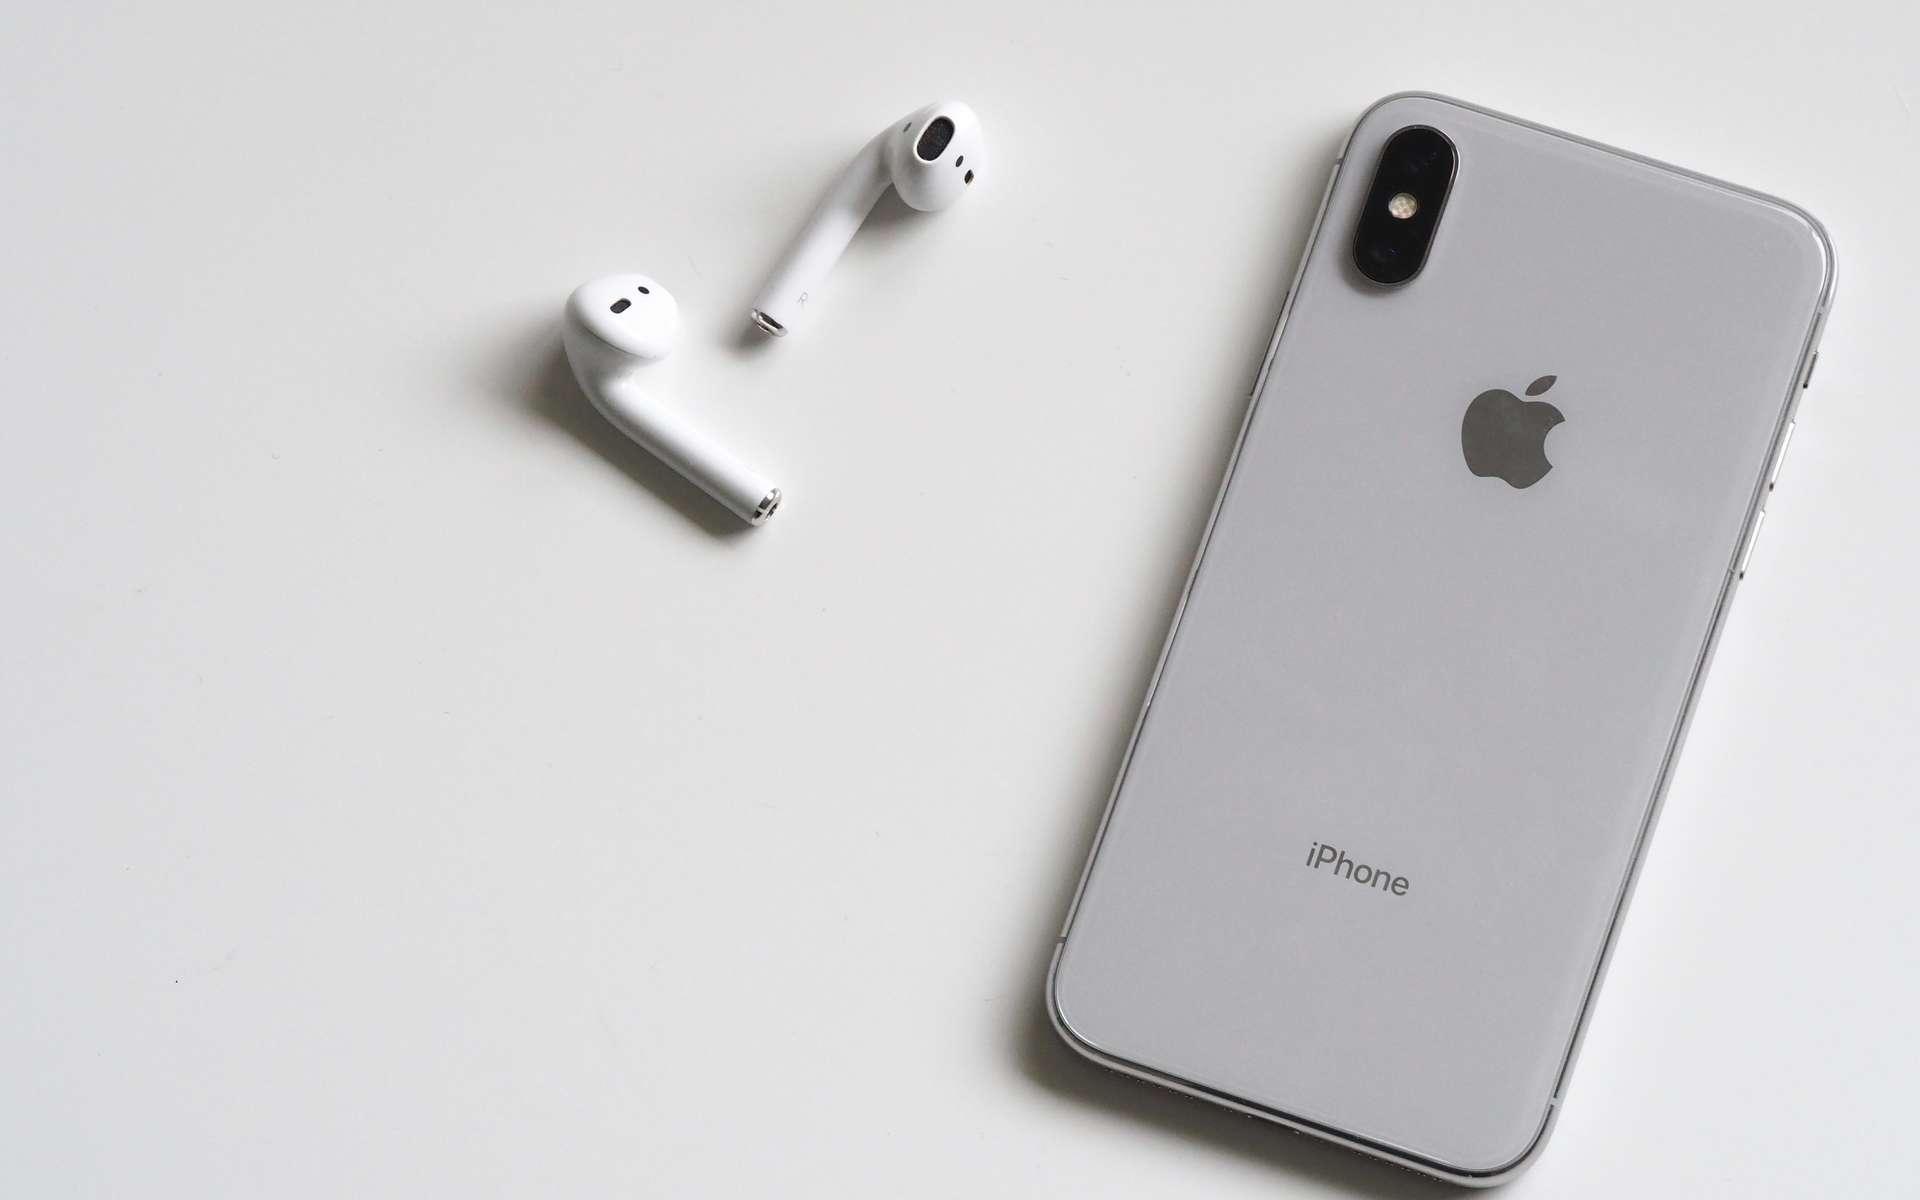 Découvrez les meilleurs iPhone en 2021 - Photo de Jess Bailey Designs provenant de Pexels